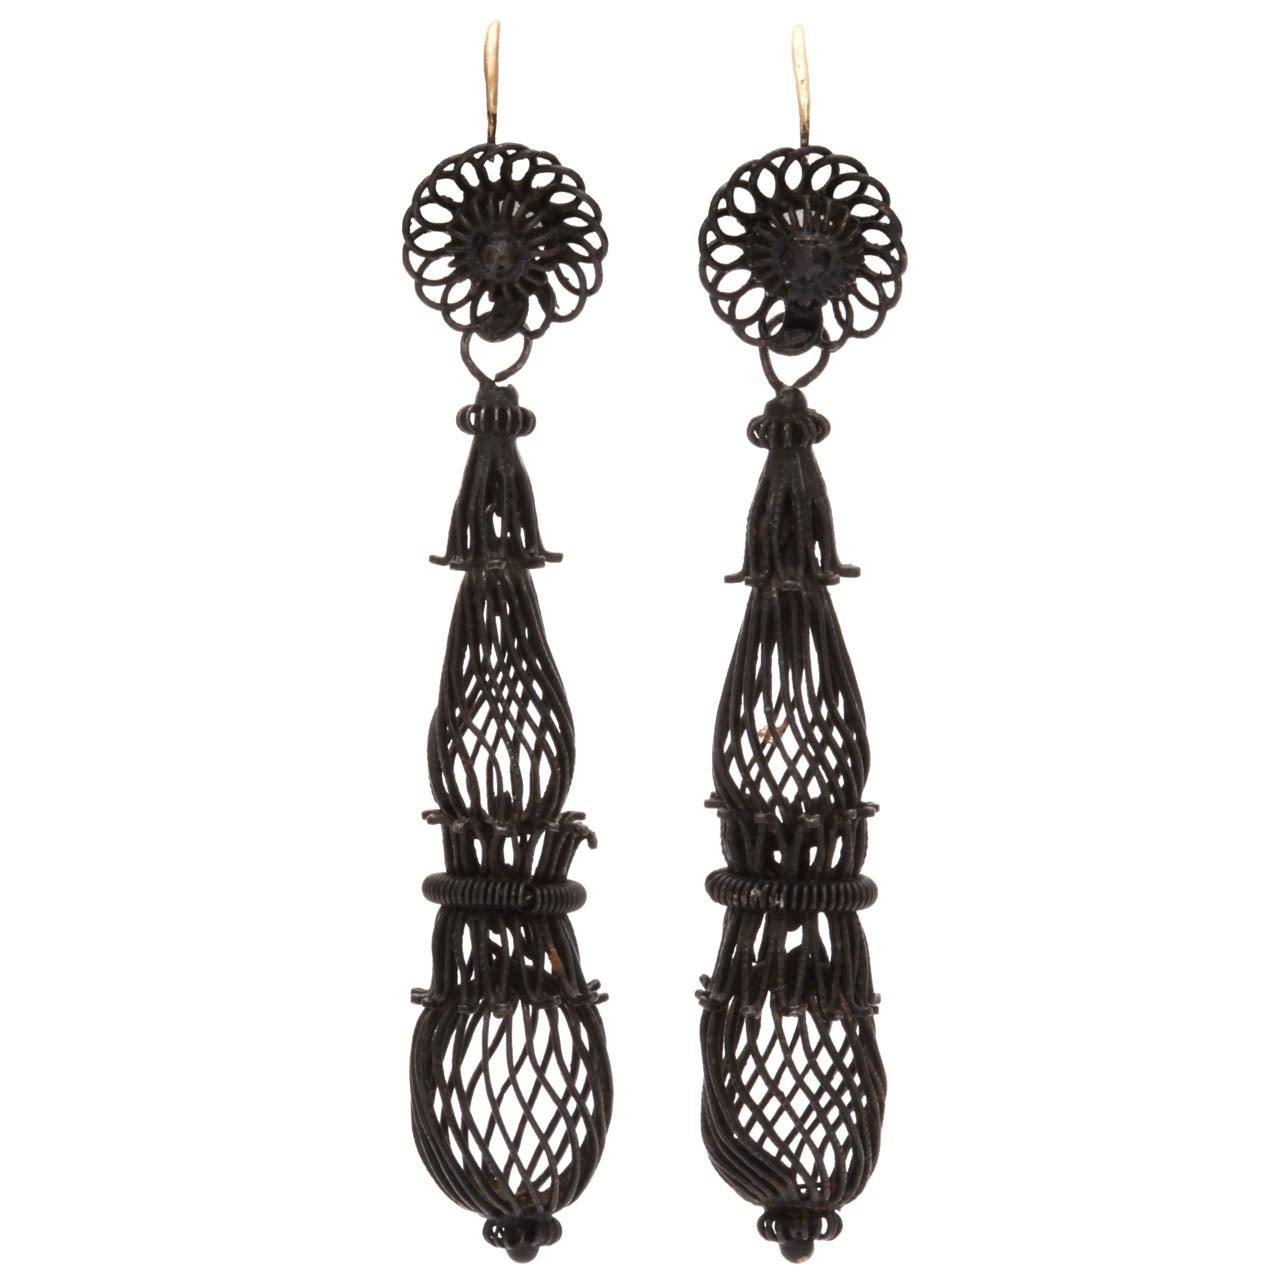 Dreamweaver Berlin Iron earrings c.1820